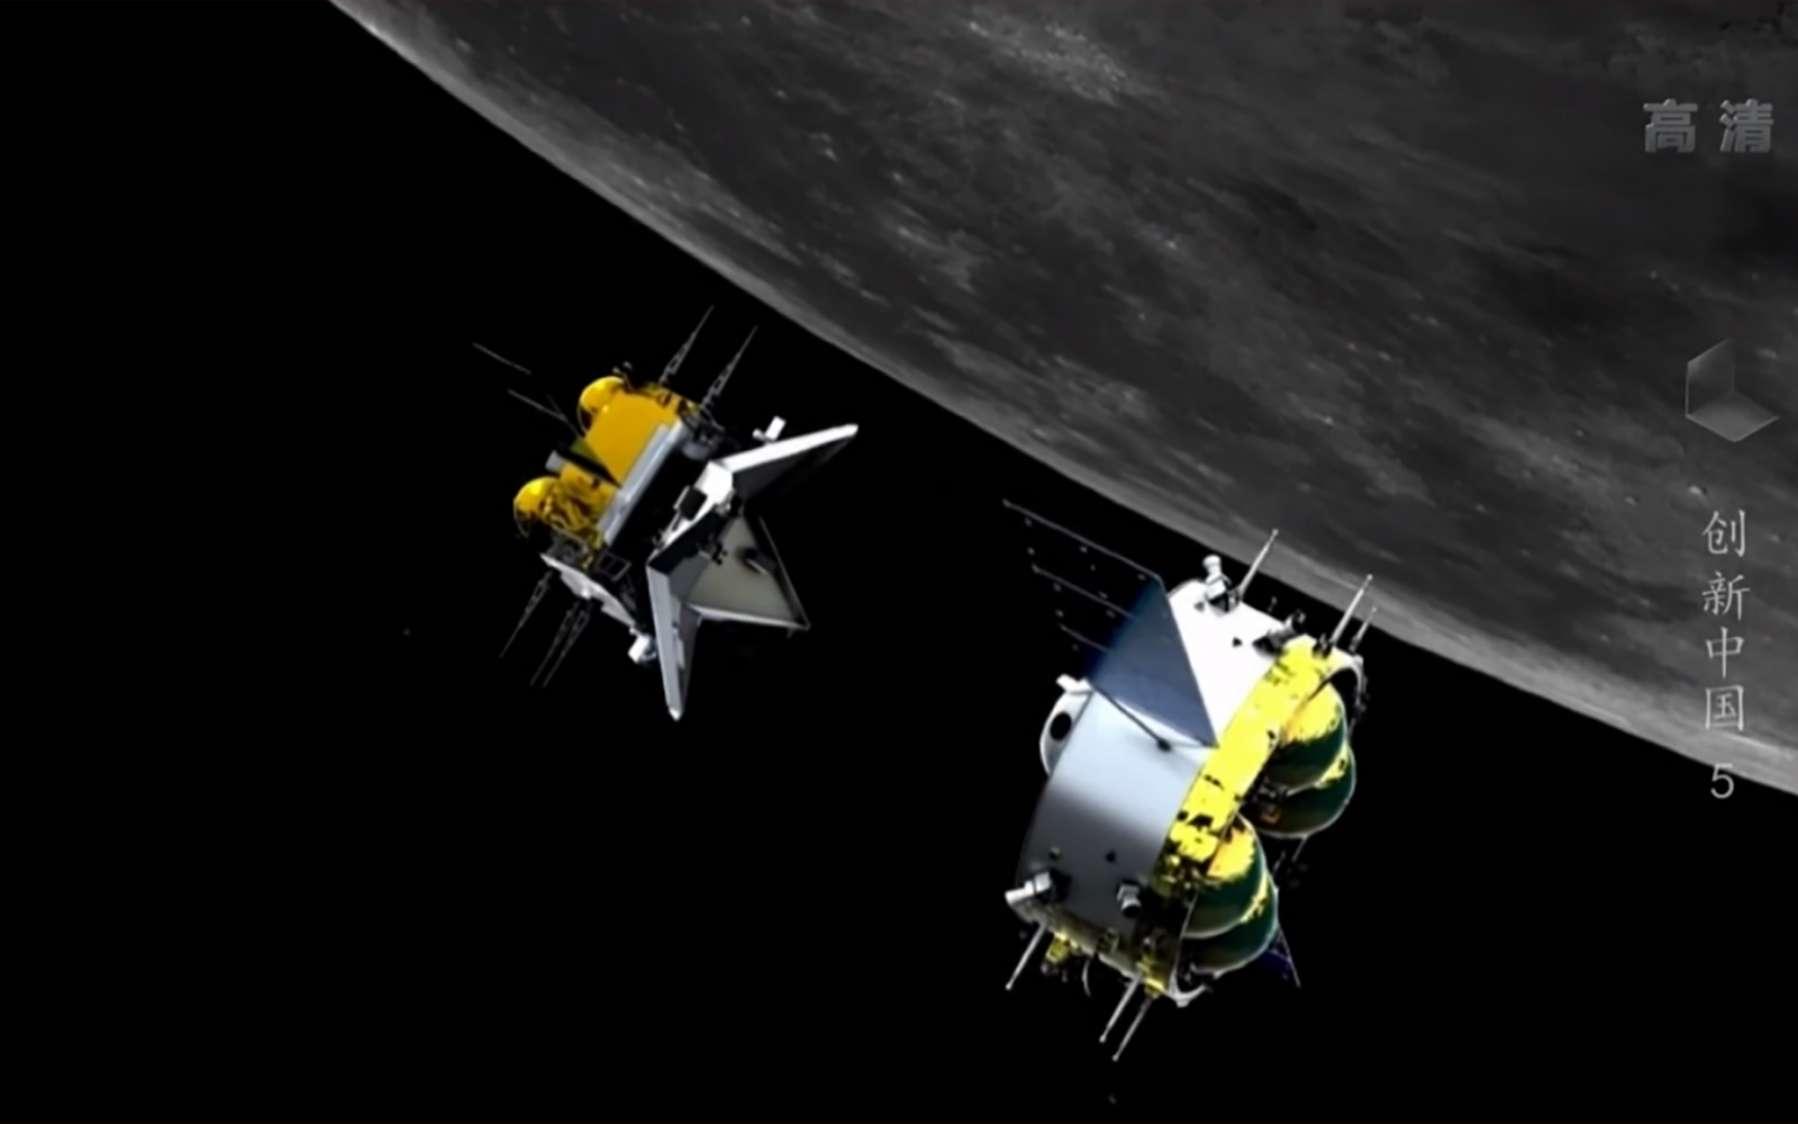 Vue d'artiste d'une des phases de la mission de retour d'échantillons lunaires Chang'e 5. © CCTV, Framegrab